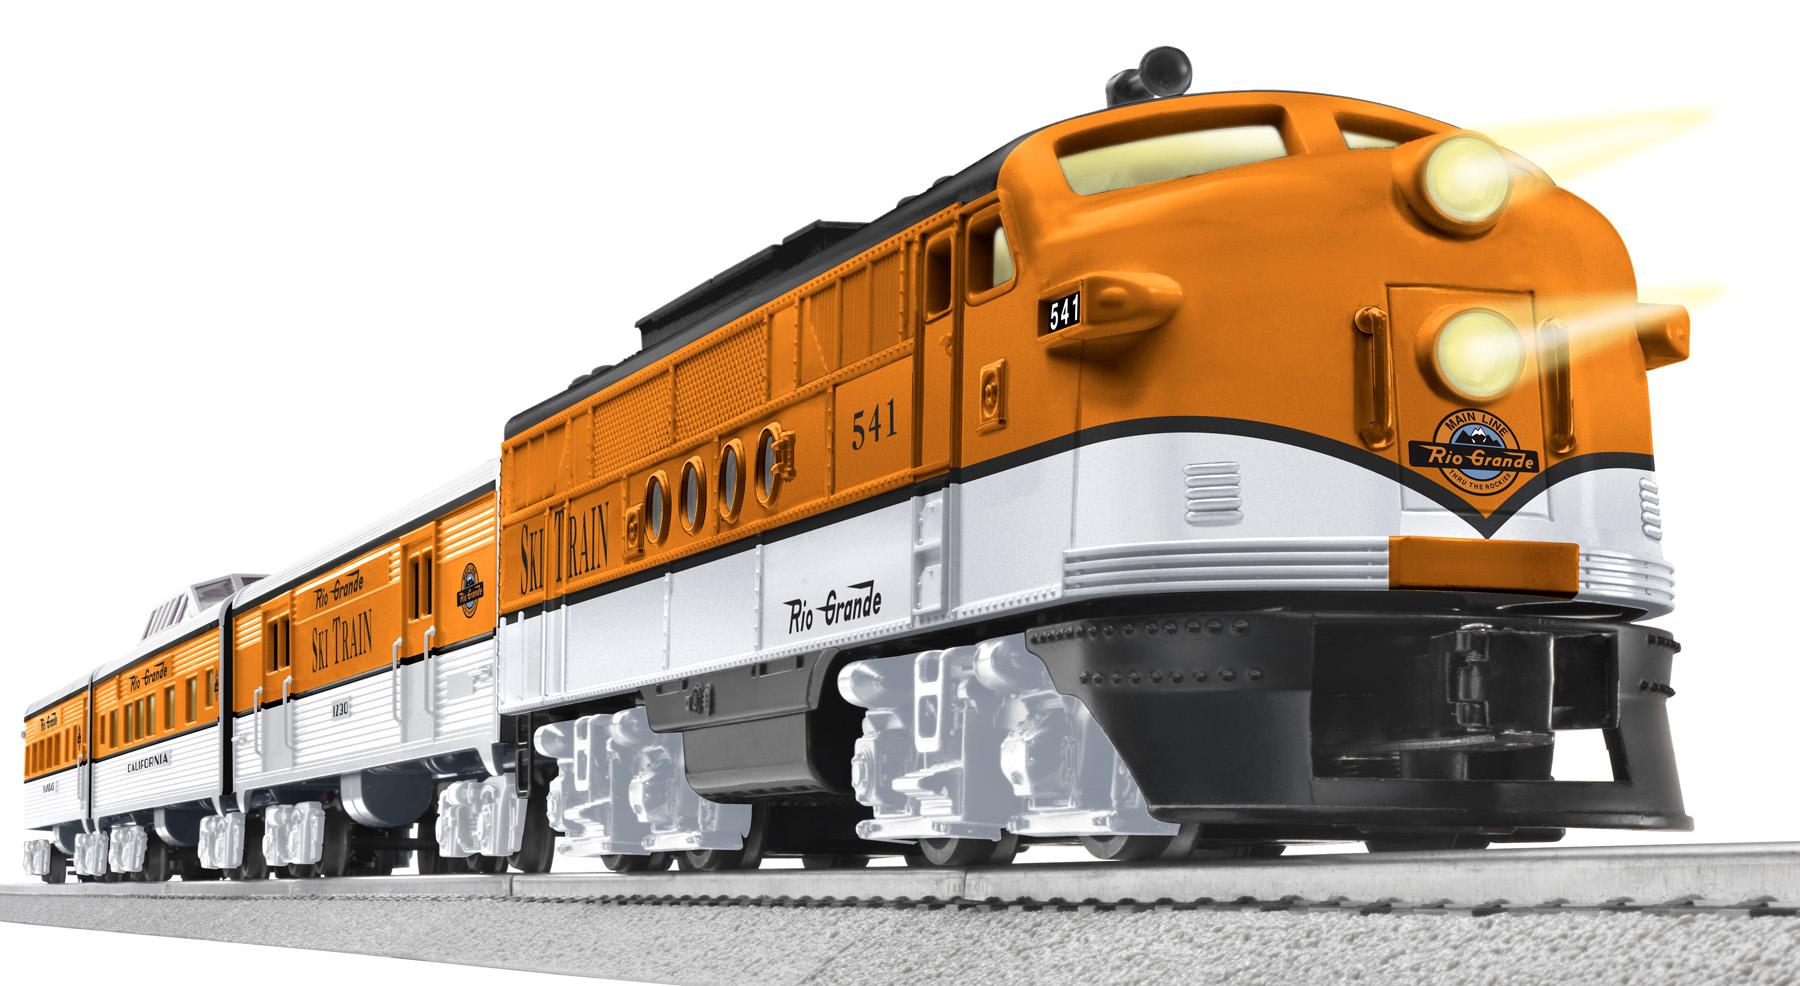 Rio Grande Ski Train with TrainSounds (Conv  FT Diesel #541)